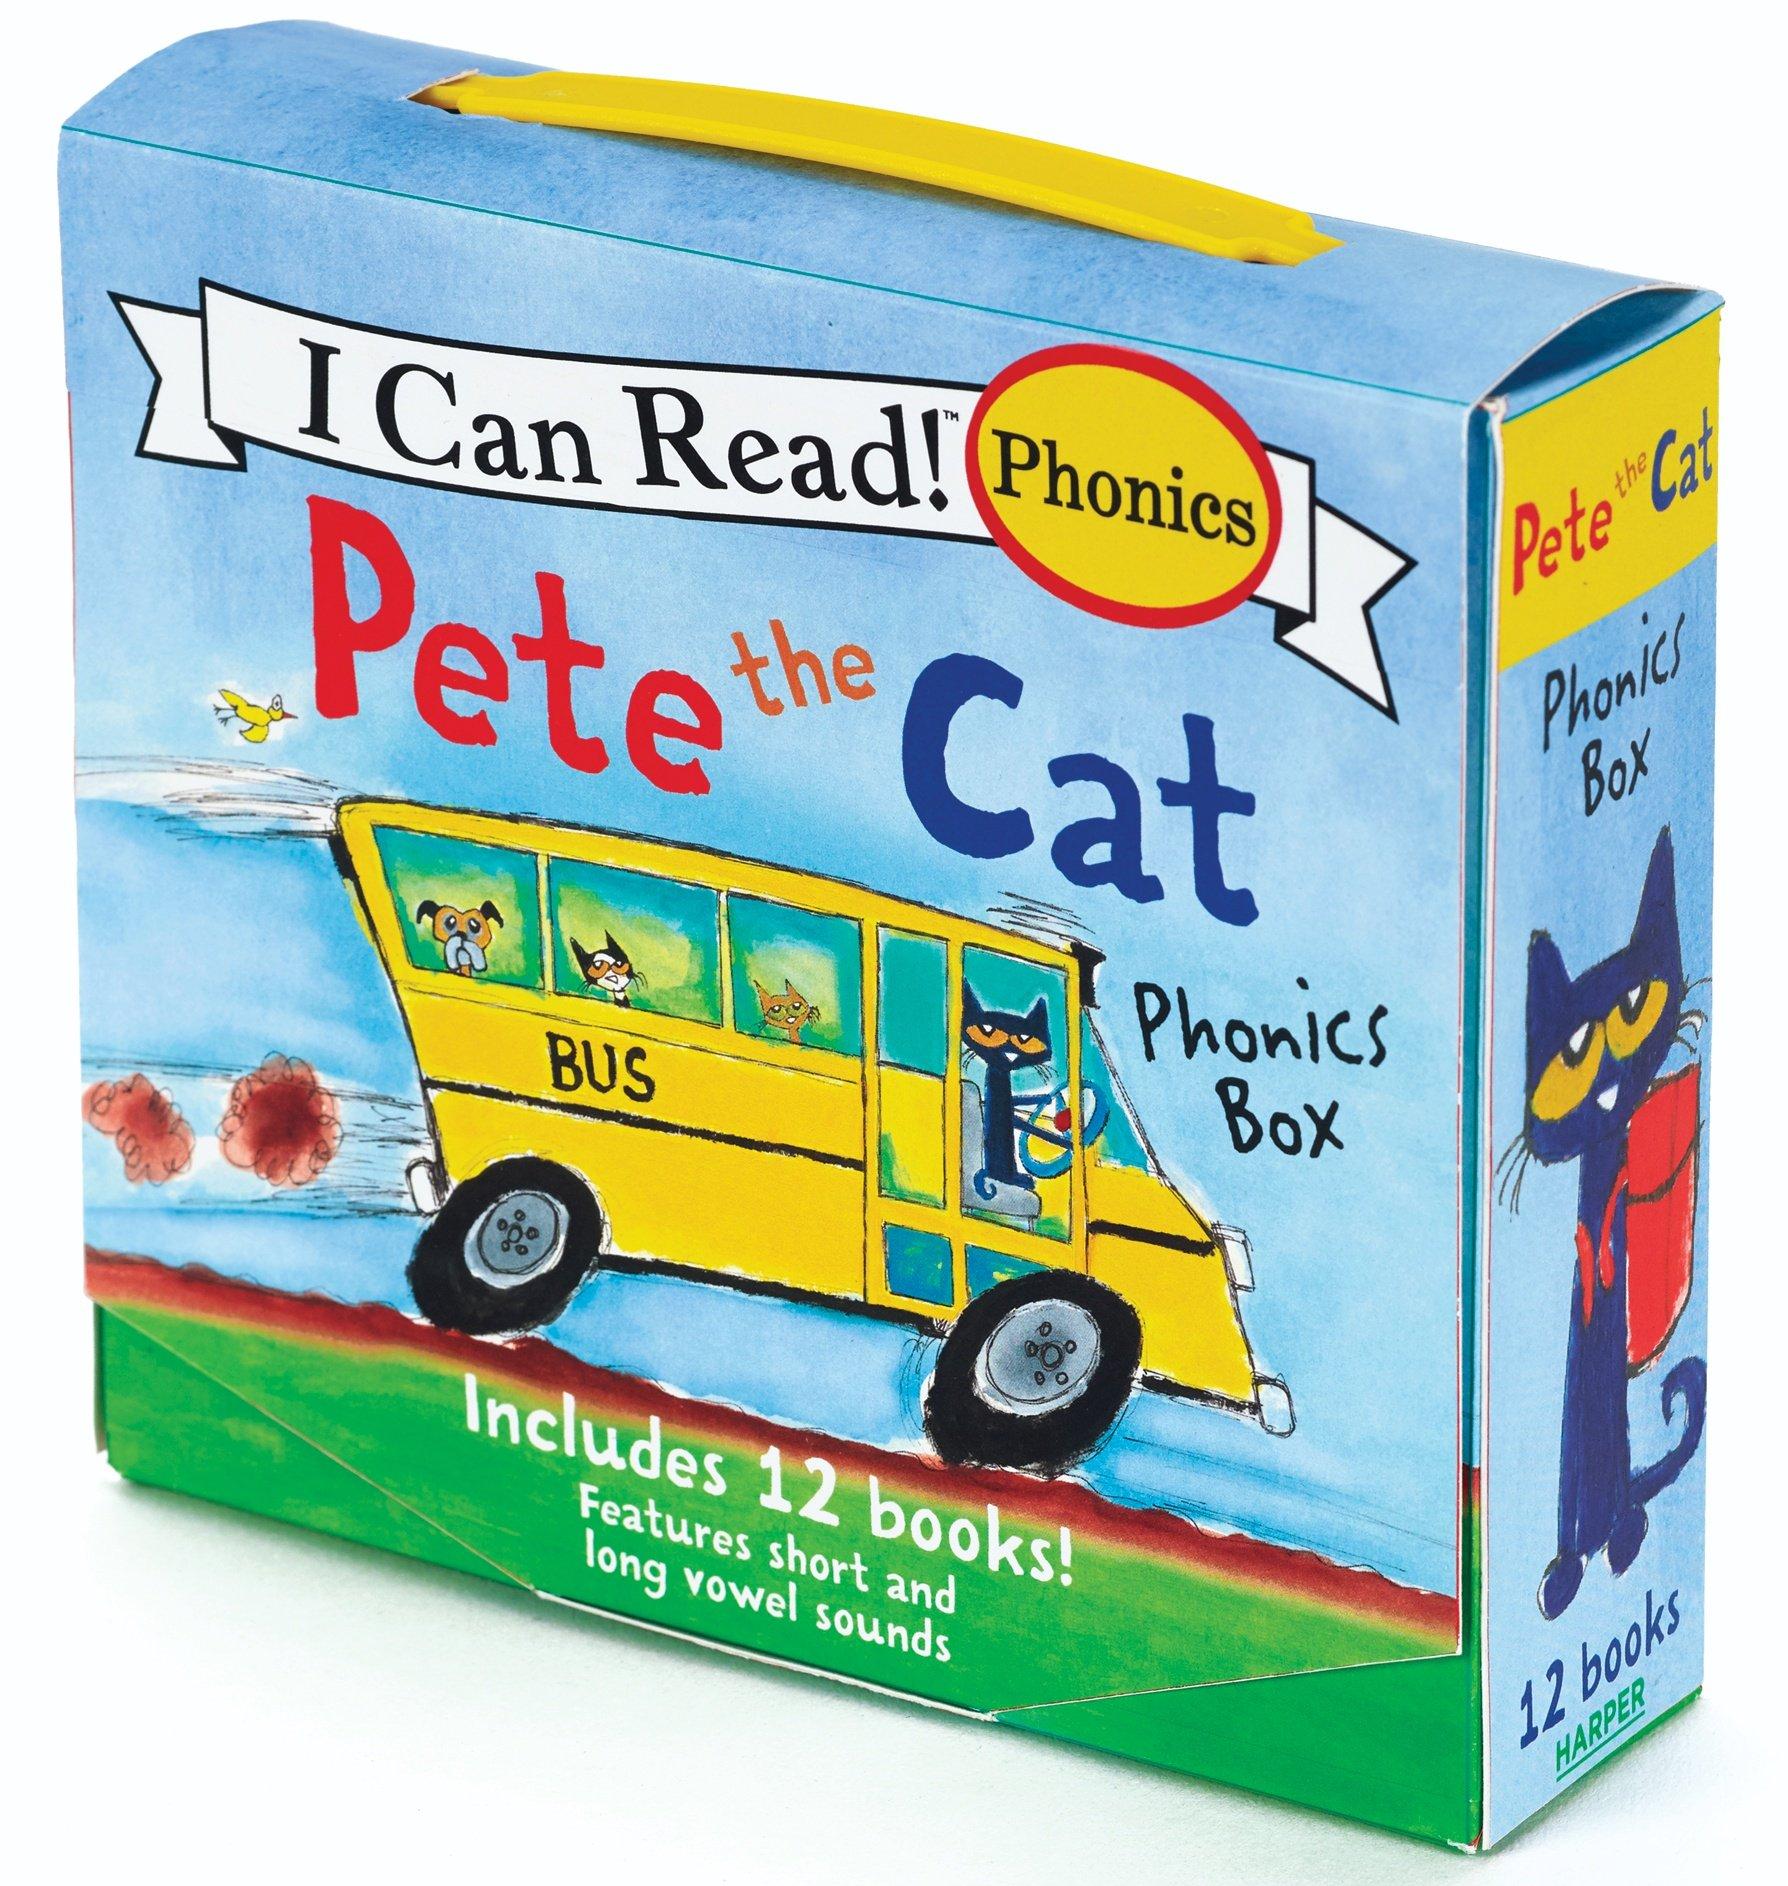 Pete Cat Phonics Box Mini Books product image